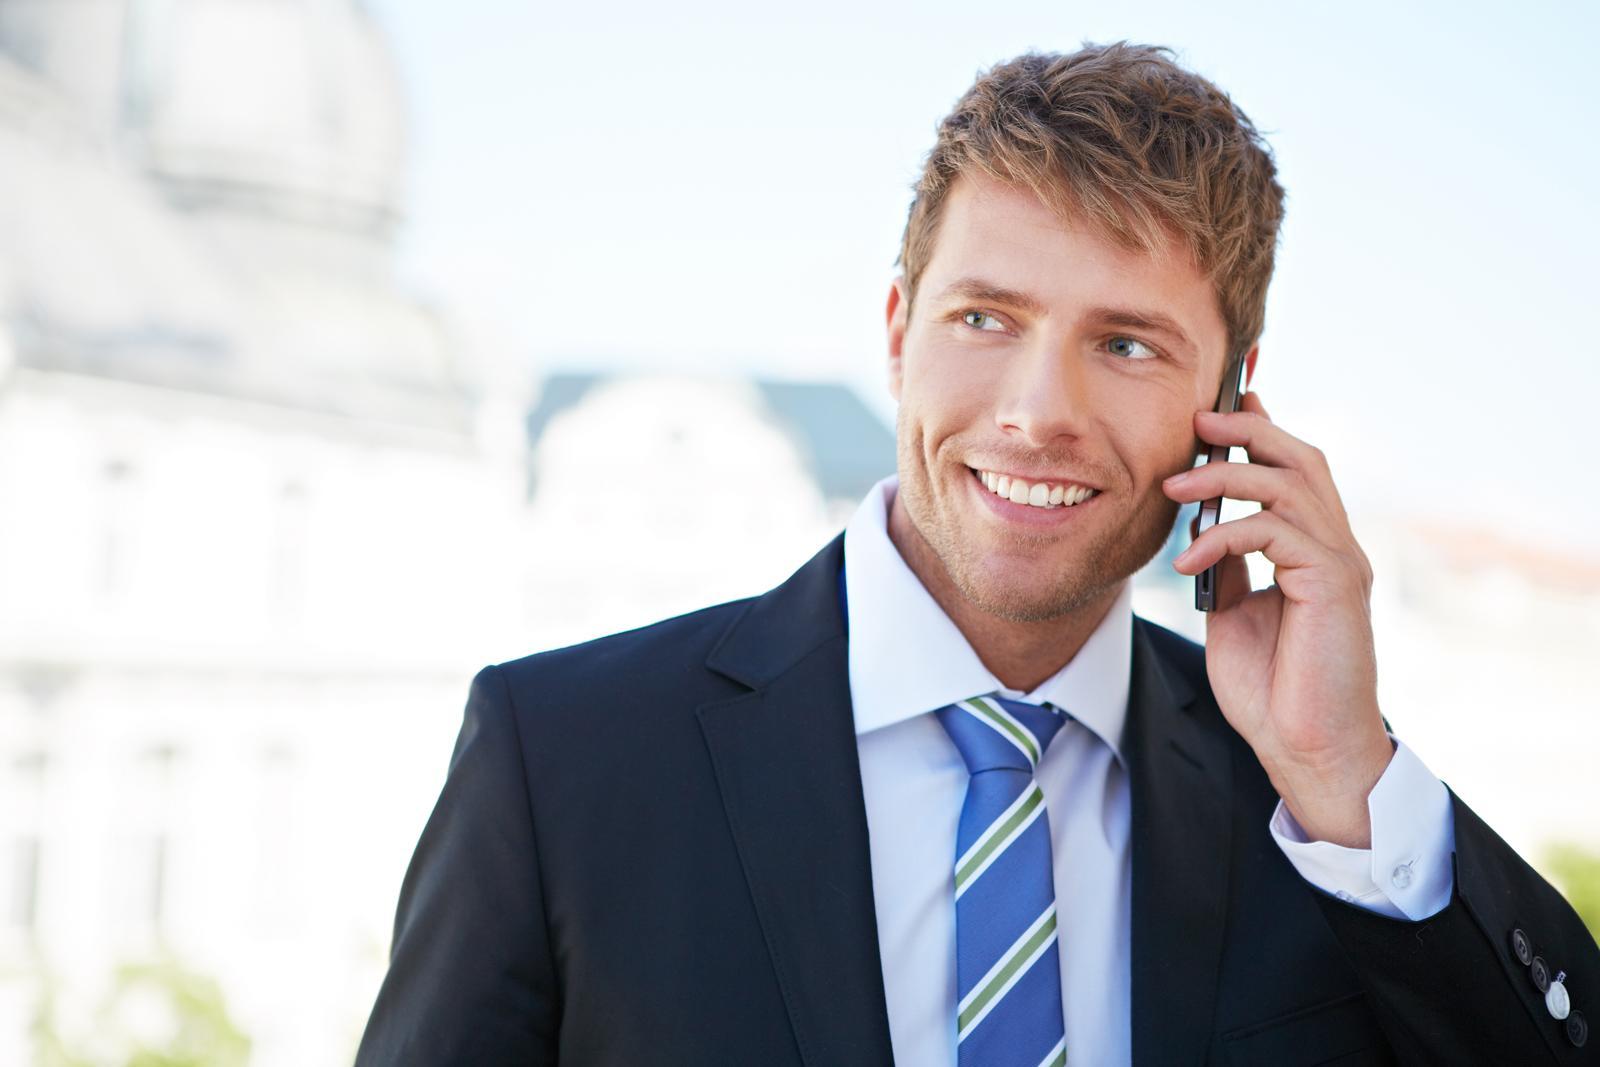 бизнесмен с телефоном картинка для очищения